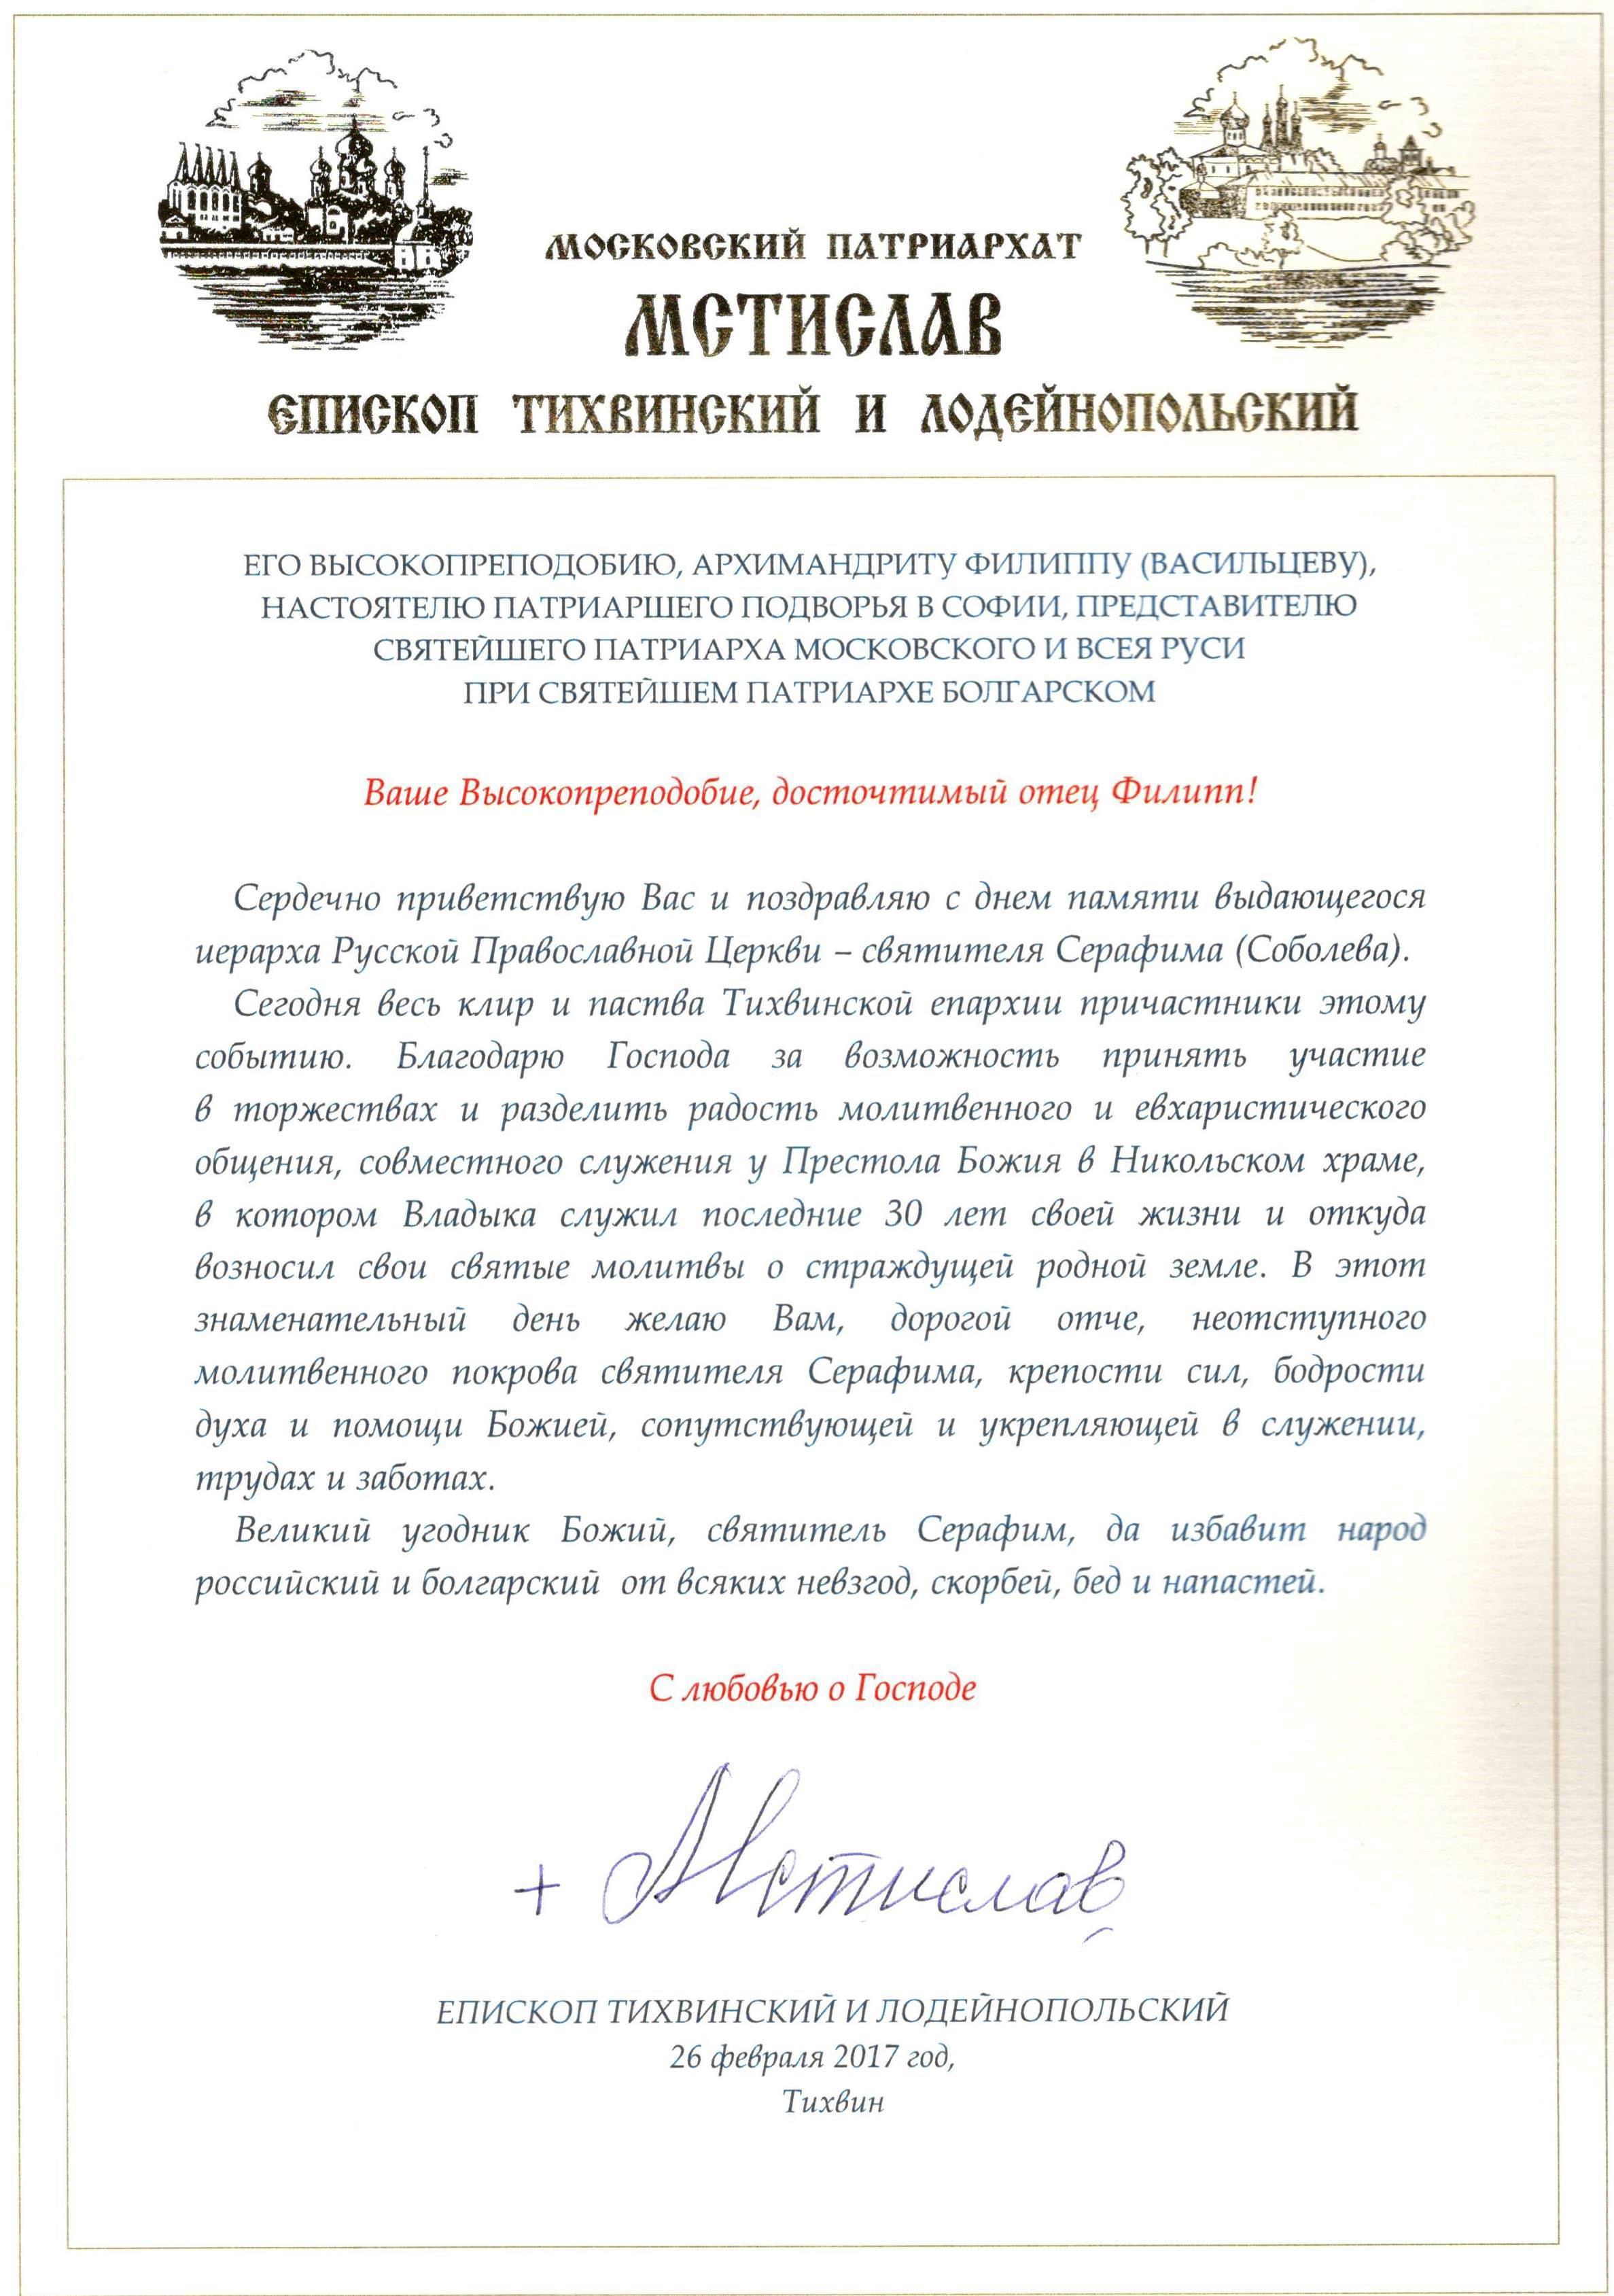 приветствие епископа Мстислава участникам конференции